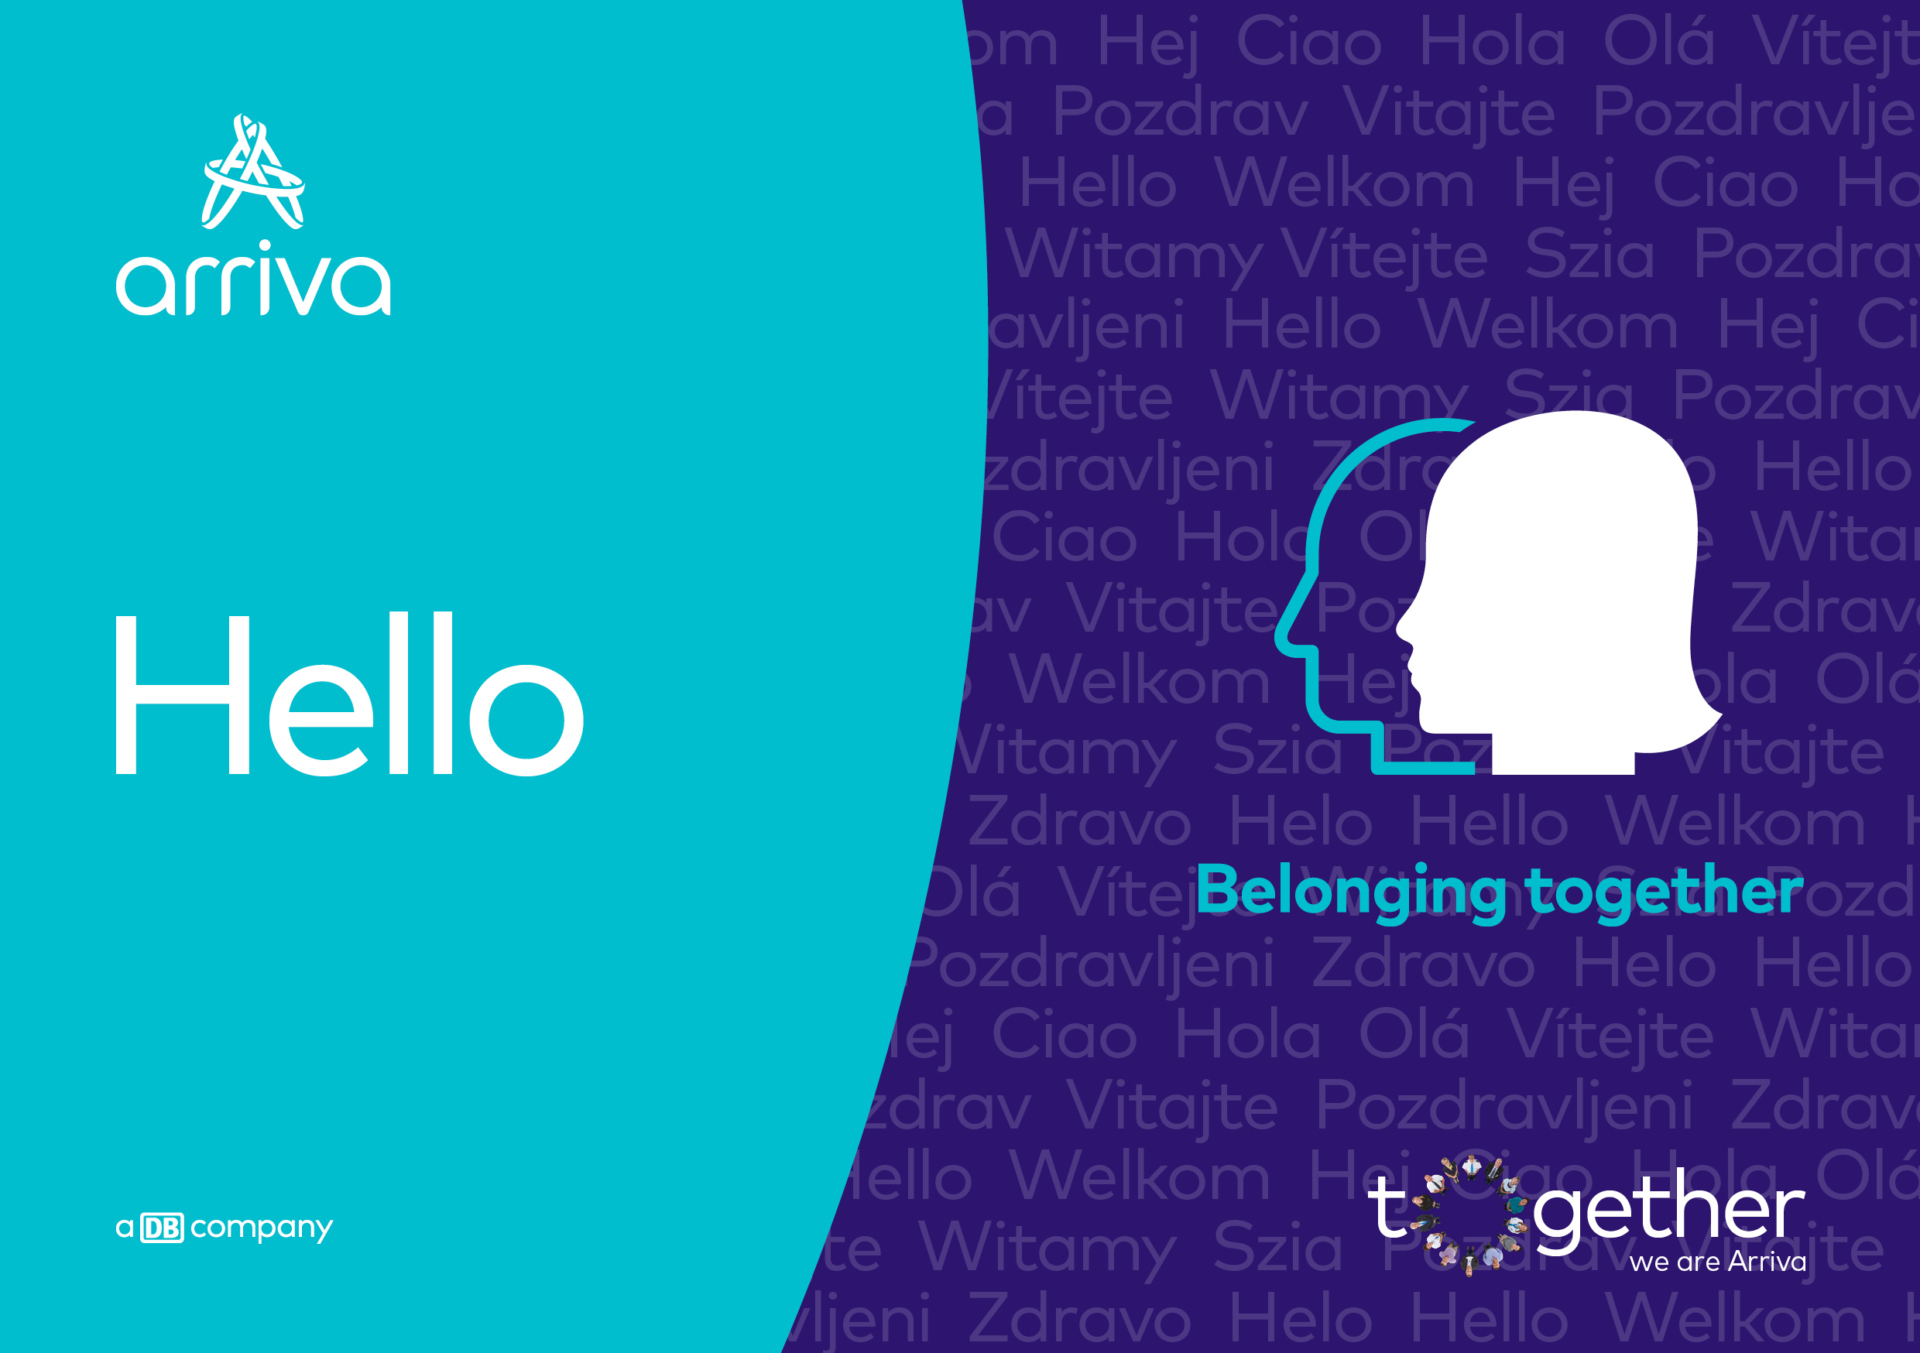 Naša blagovna znamka delodajalca –Skupaj smo Arriva/Together we are Arriva– opisuje Arrivo kot delodajalca.Čeprav imamo veliko samostojnih podjetij v kar 14-ih različnih državah po Evropi, smo na veliko načinov povezani. In prav to predstavlja pravo moč, vrednost in konkurenčno prednost skupine. Skupaj delujemo kot skupina Arriva.